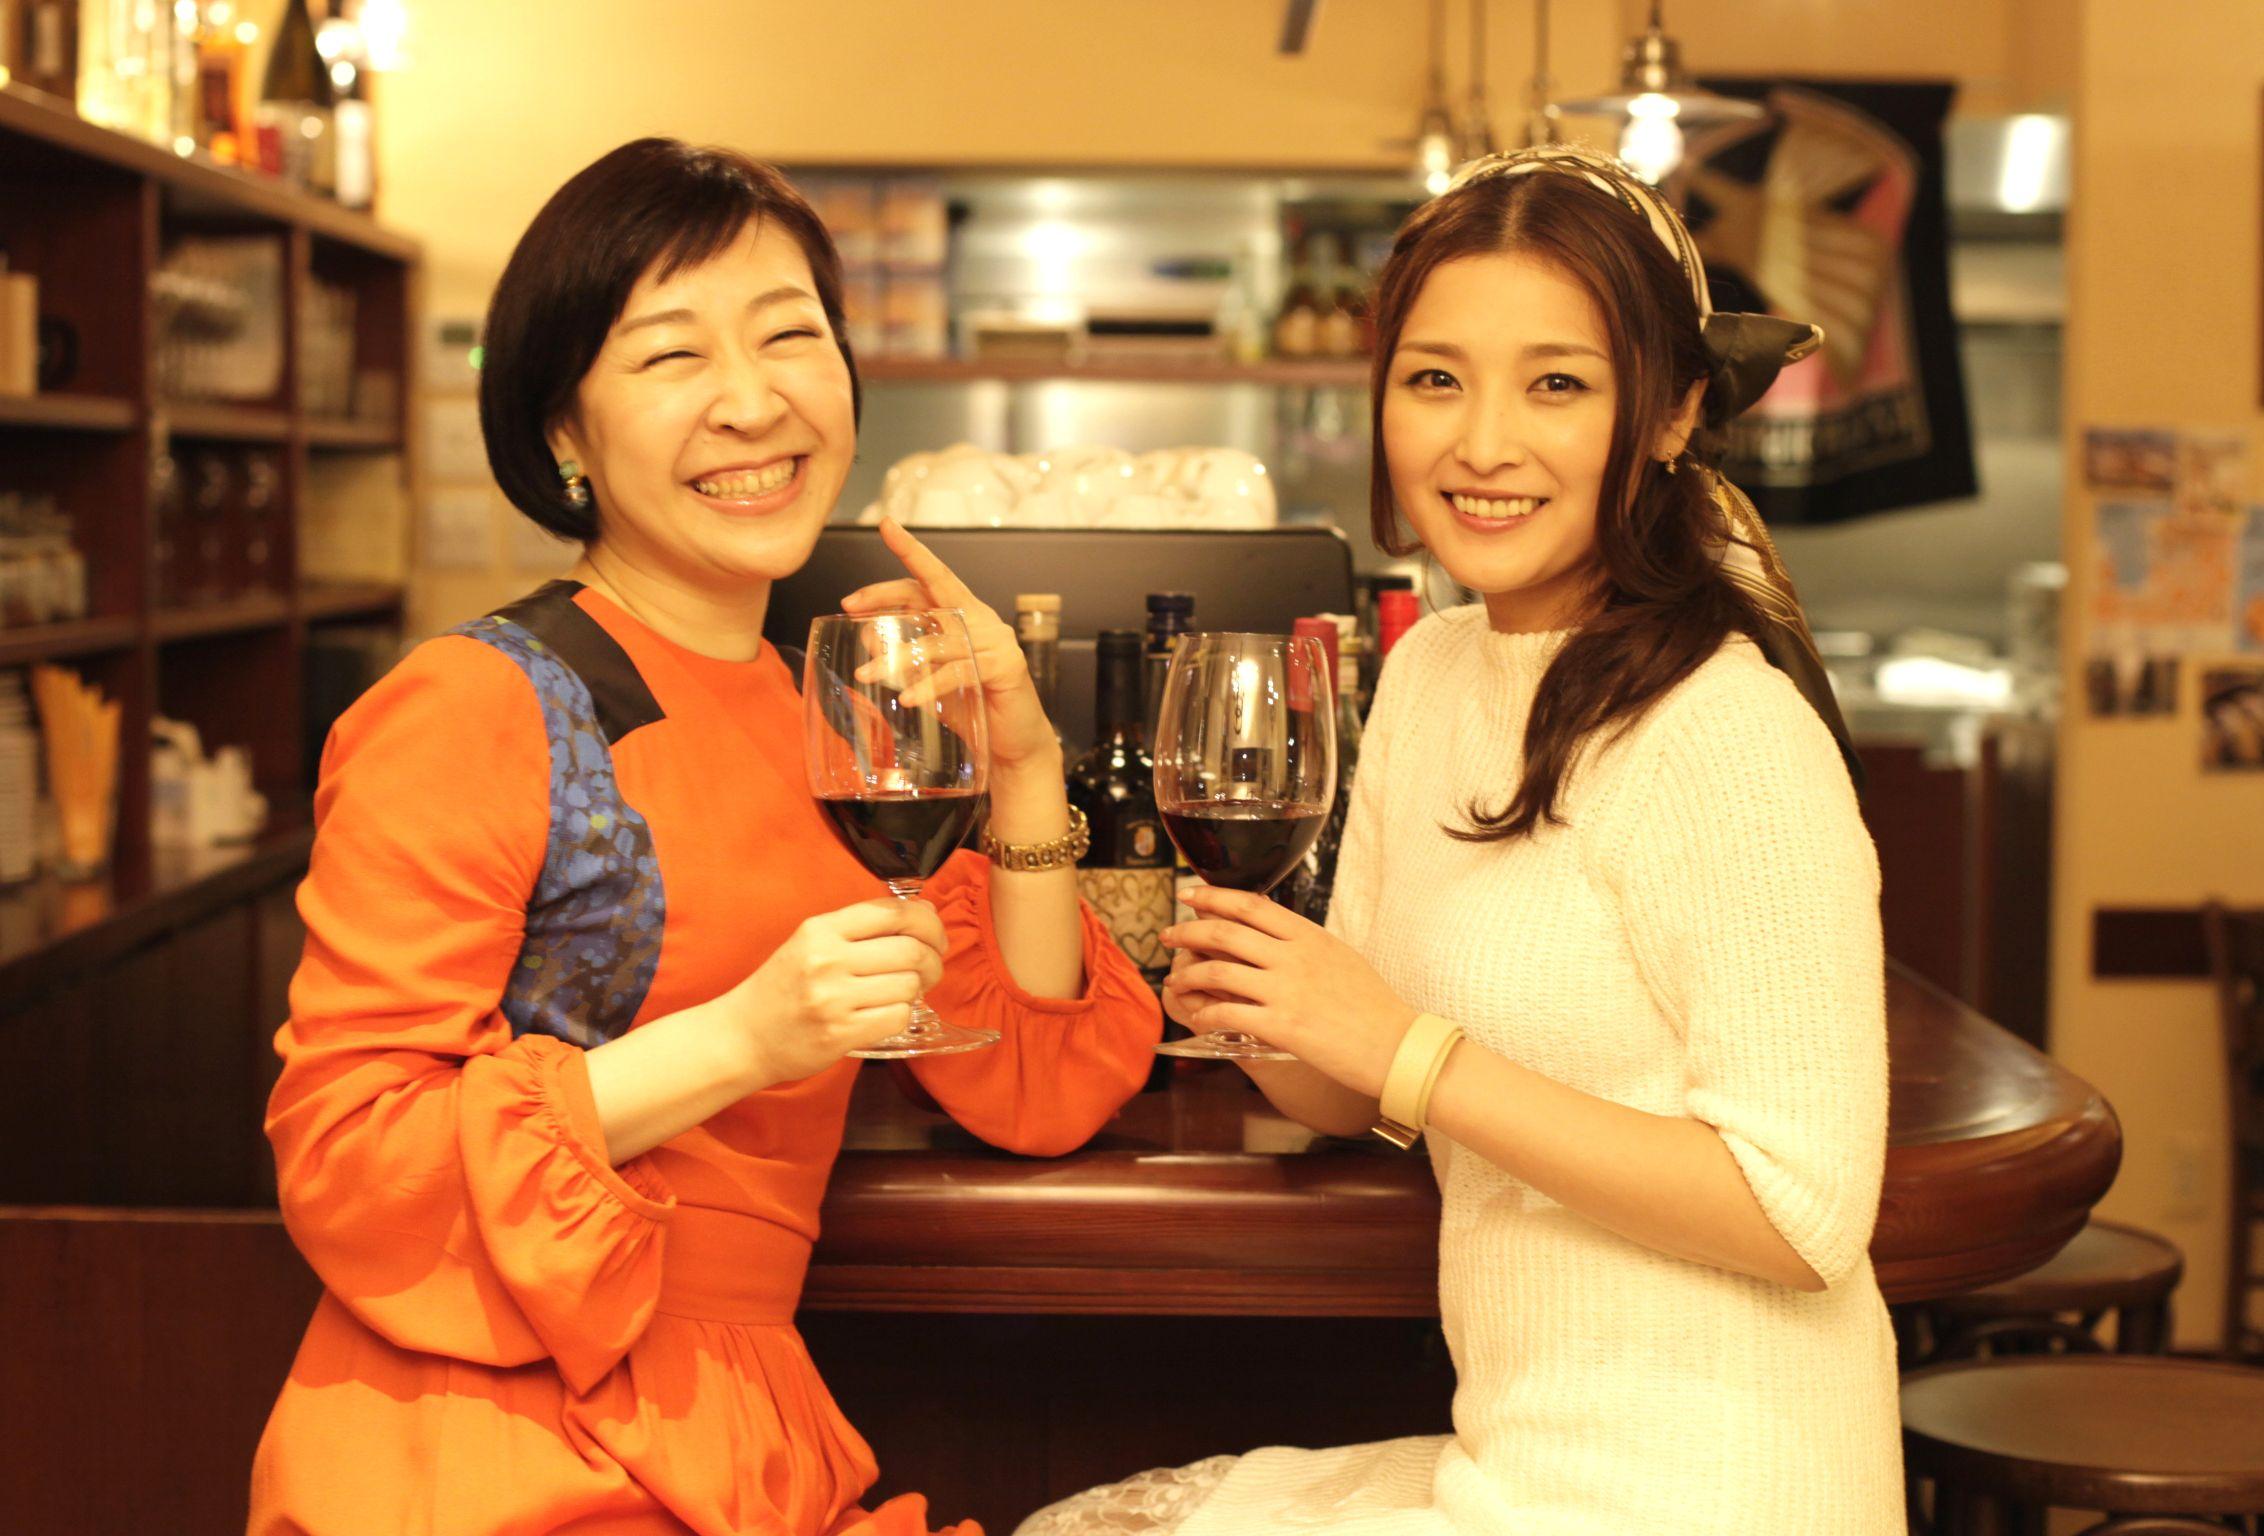 酒と食を愛する全ての女性たちに贈る新番組がスタート!『スヌ子のぶらり酔いどれ飯』 バッカスの選択